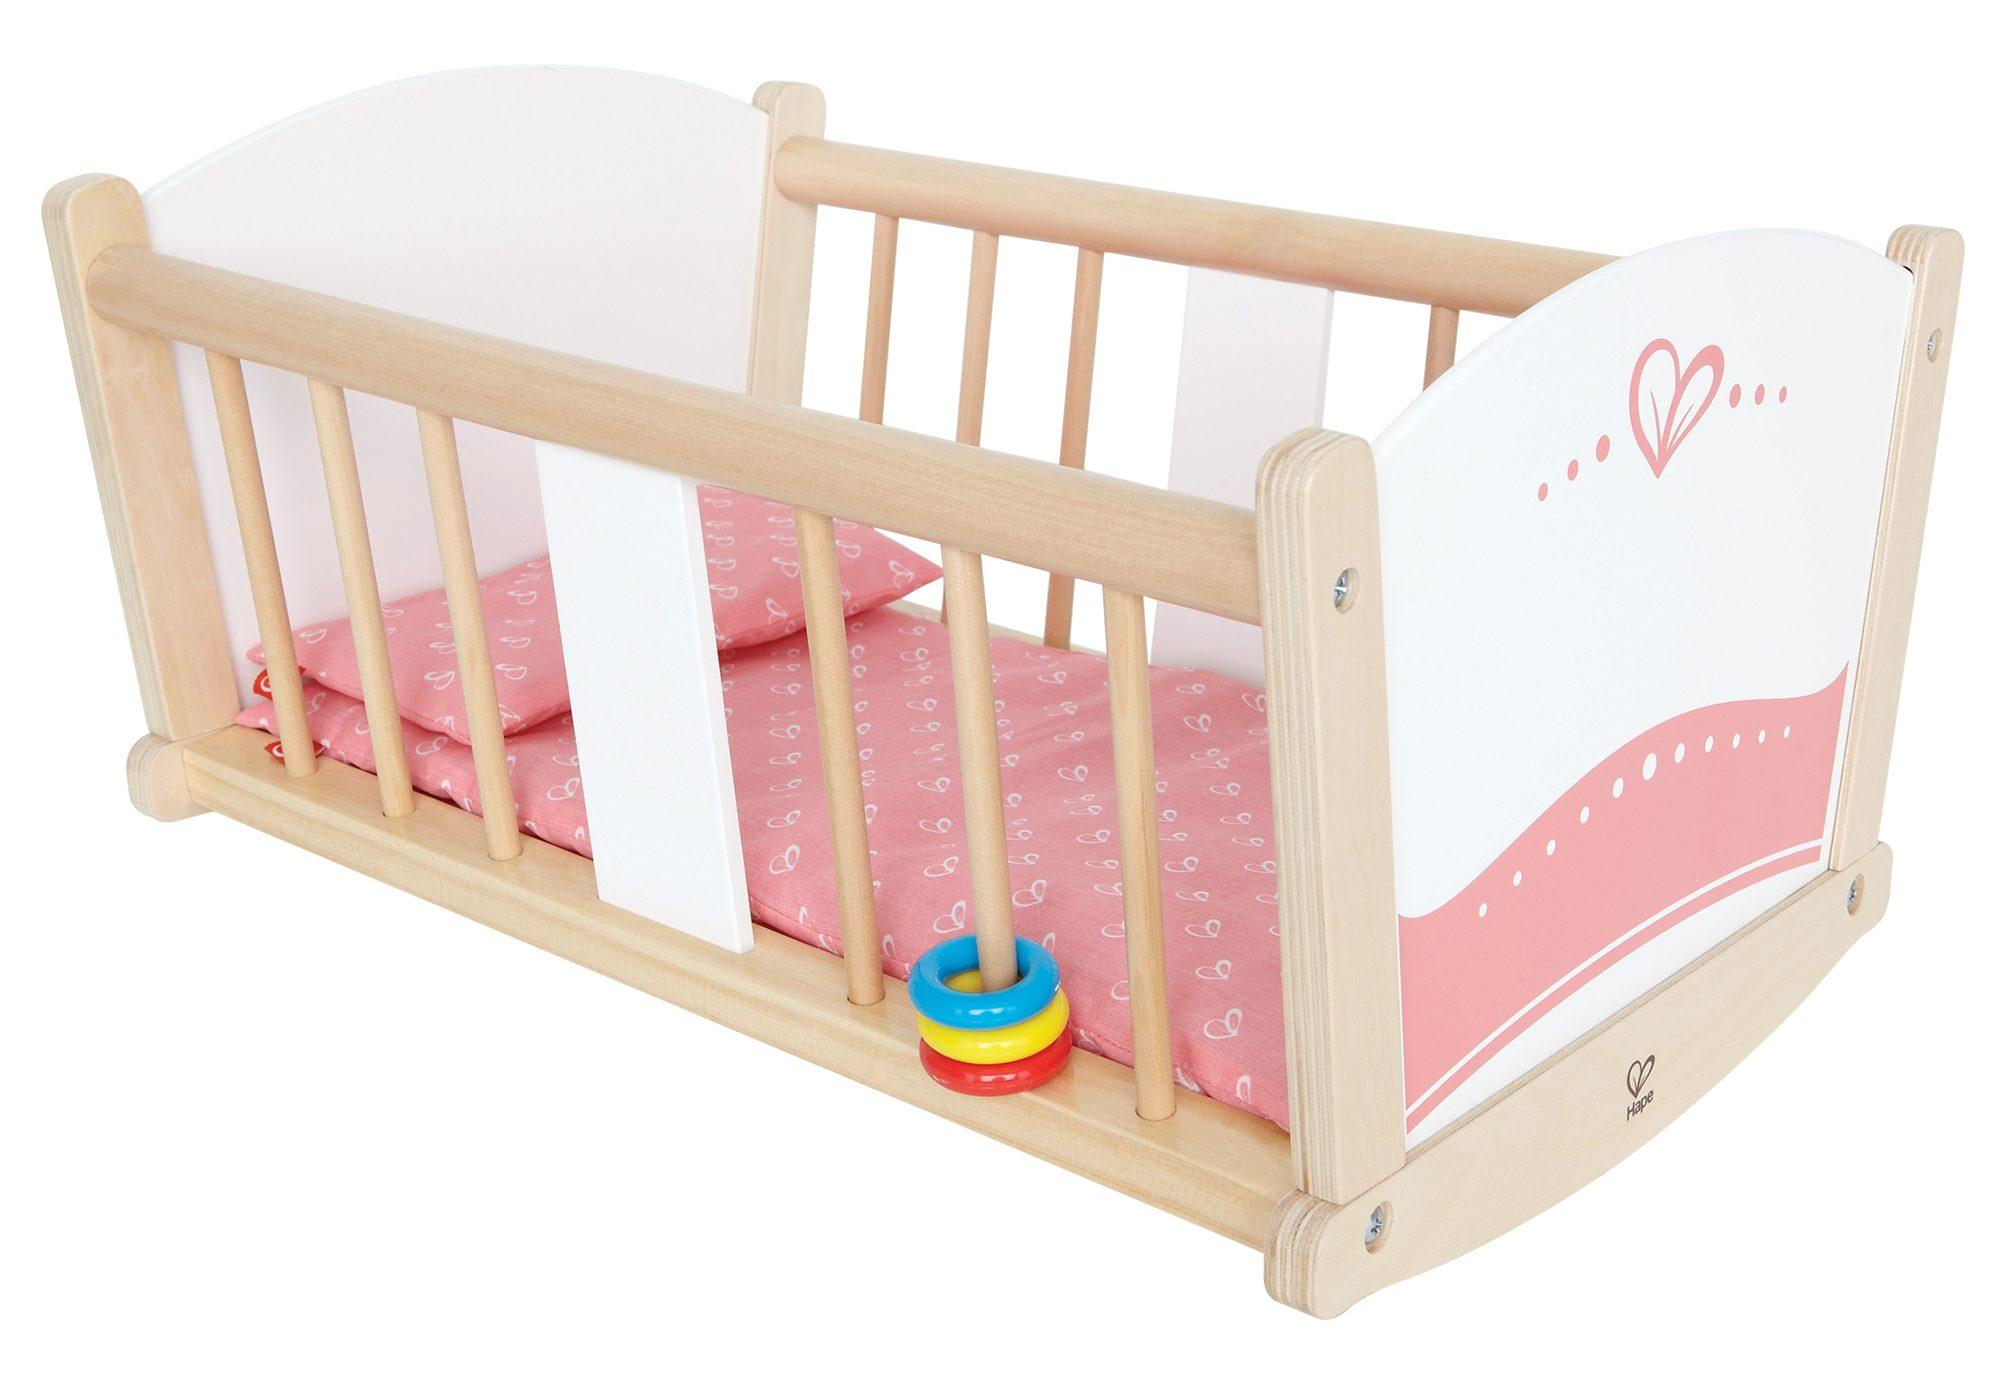 Etagenbett Puppen : Puppenbett pink bett für puppen holz rosa eur picclick de